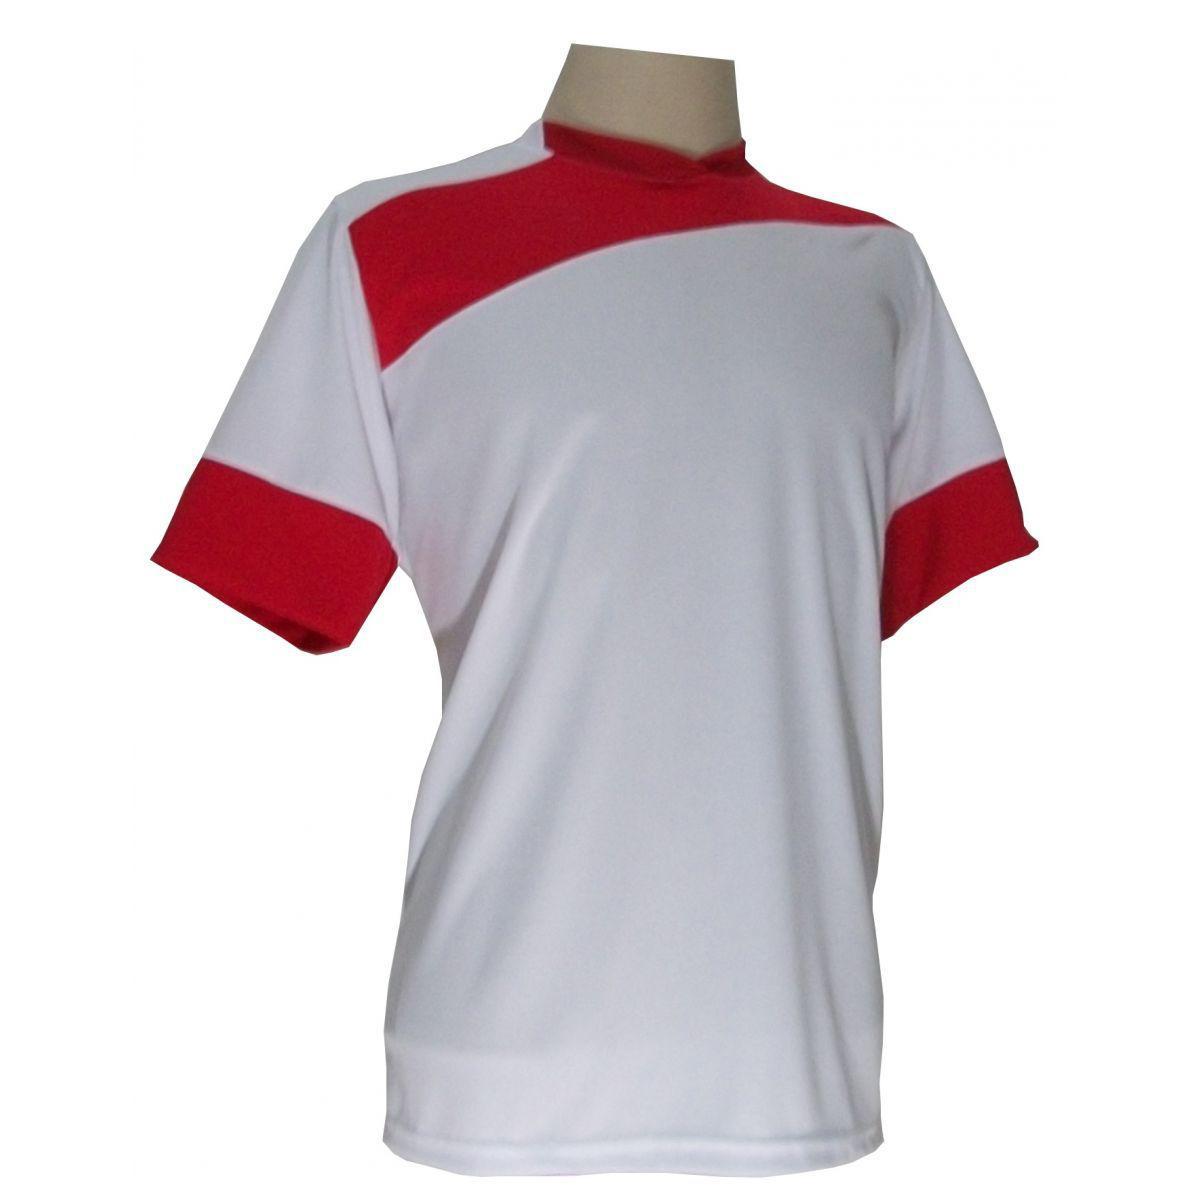 4def230678d63 Uniforme Esportivo com 14 camisas modelo Sporting Branco Vermelho + 14  calções modelo Copa + 1 Goleiro + Brindes - Gazza R  639